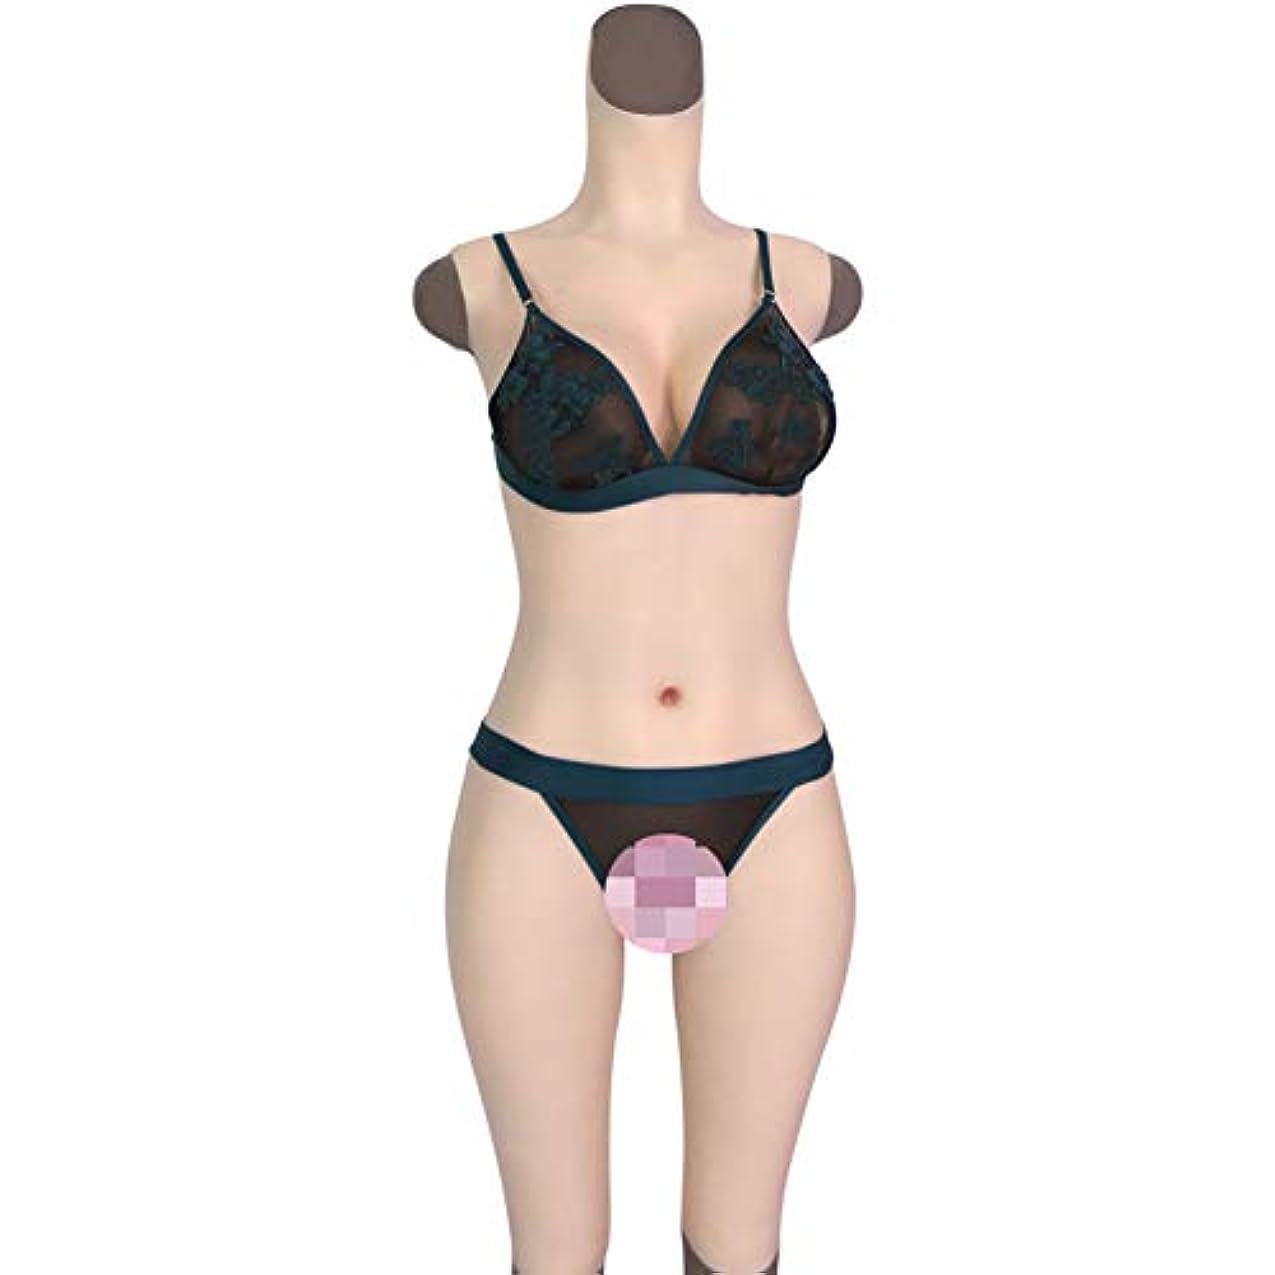 消すスチュワード充電Dカップの乳プレートシリコーン乳フォーム現実的なおっぱいとプッシー男性のボディスーツ女装のための臀部パッド膣ボディスーツ人形,1silkcotton,Normal